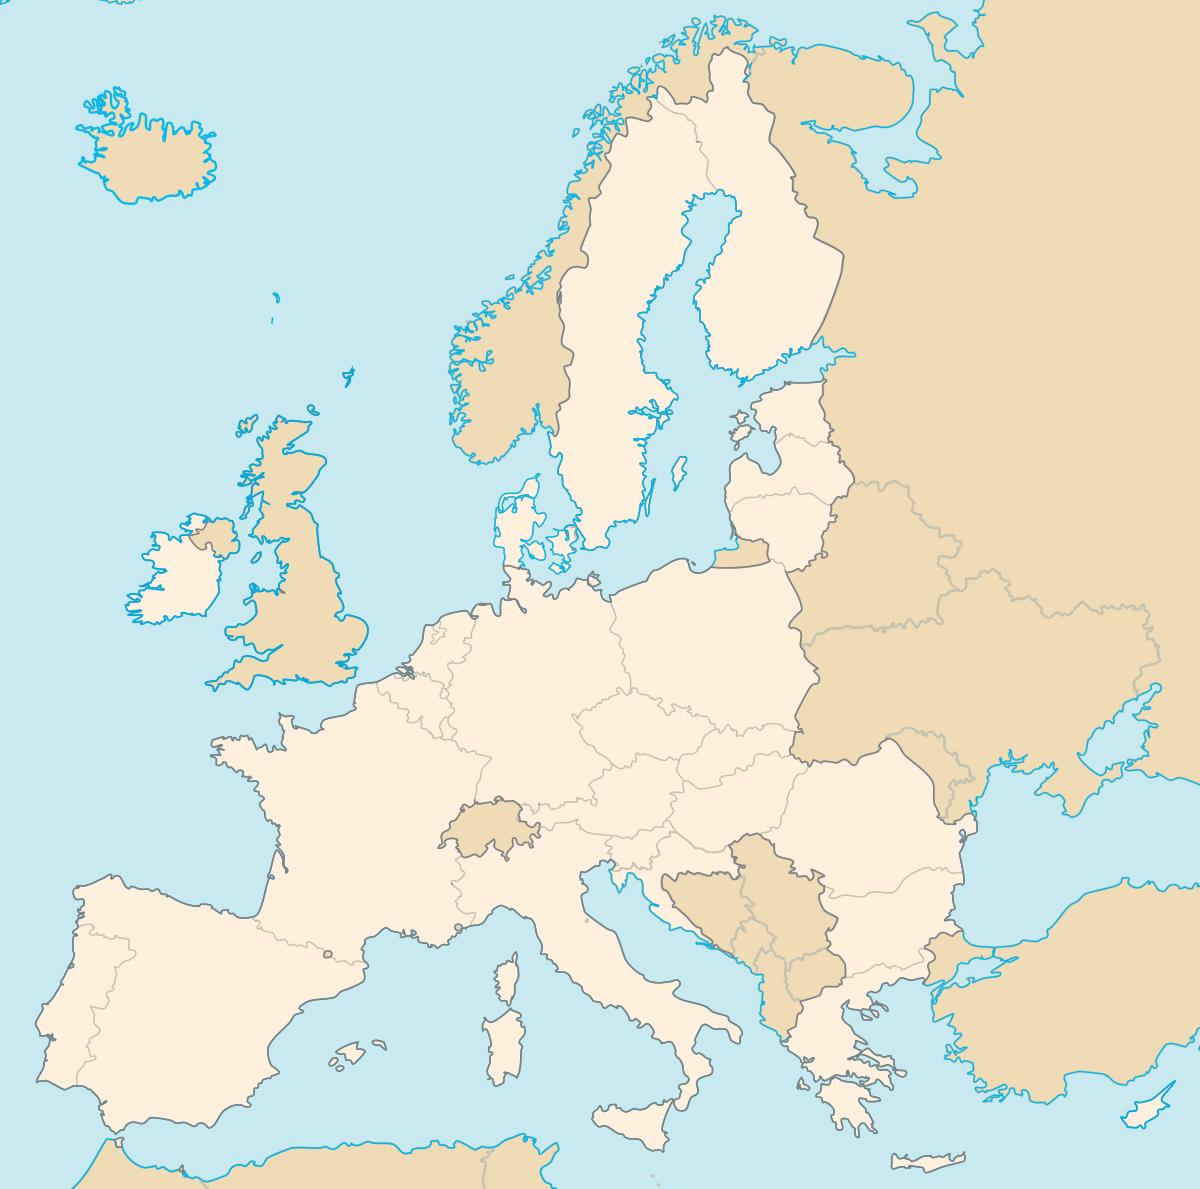 États Membres De L'union Européenne — Wikipédia intérieur Carte Europe Pays Capitales